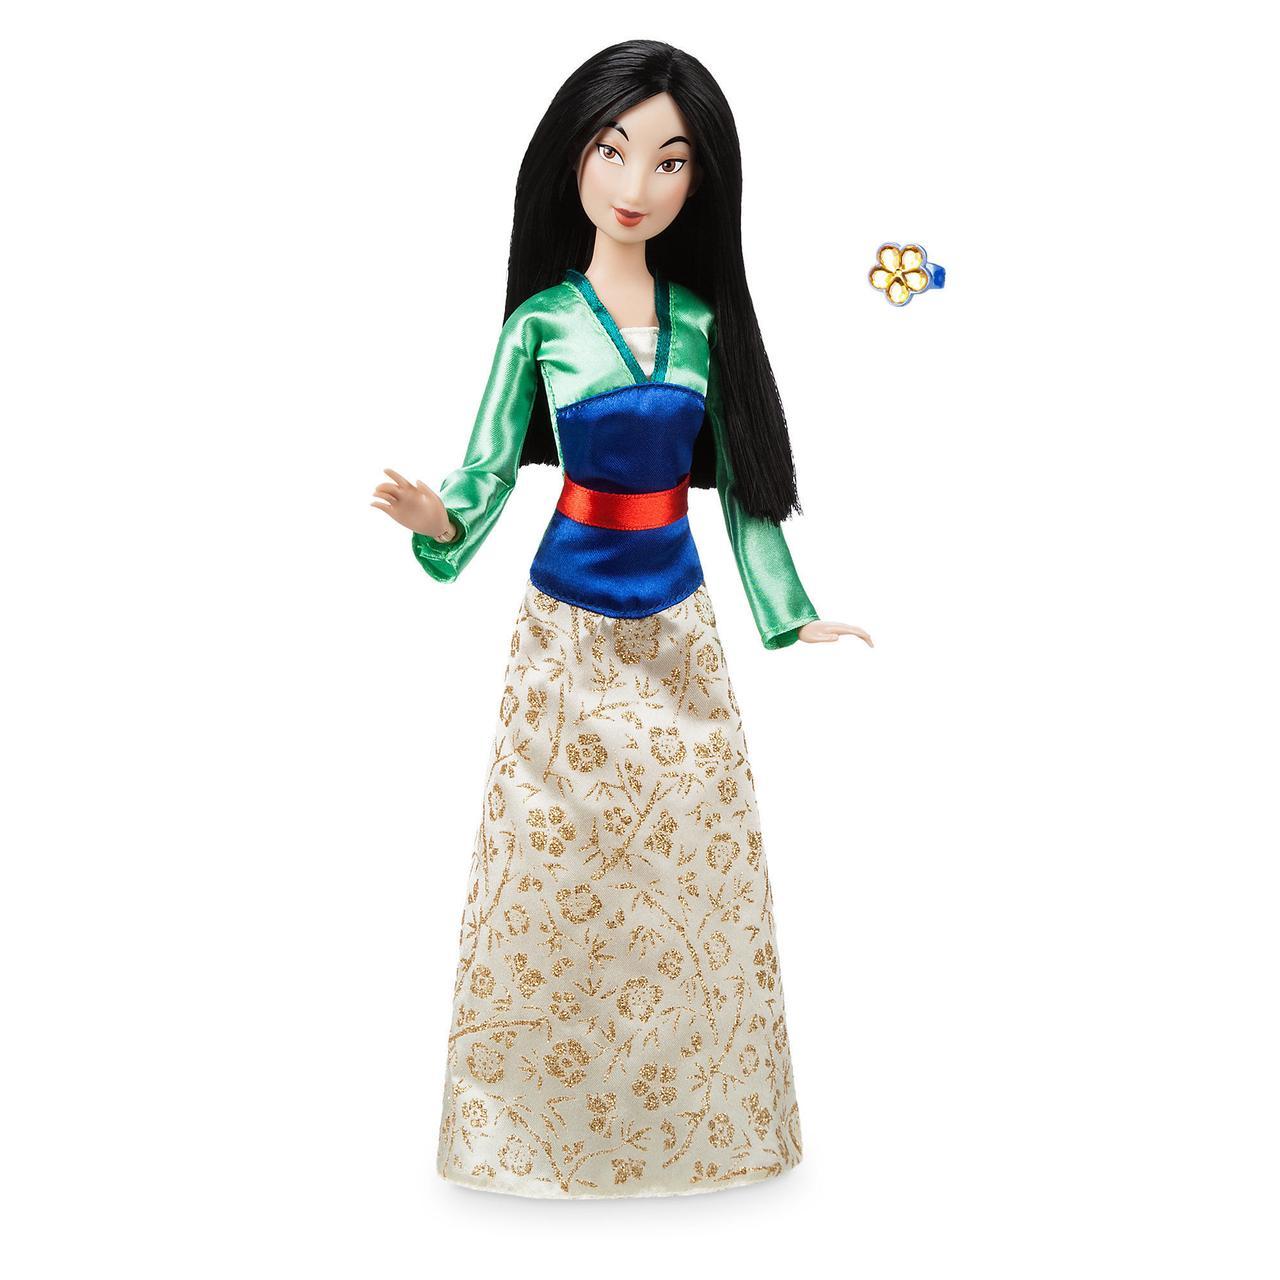 Кукла Мулан классическая Принцесса Дисней с кольцом